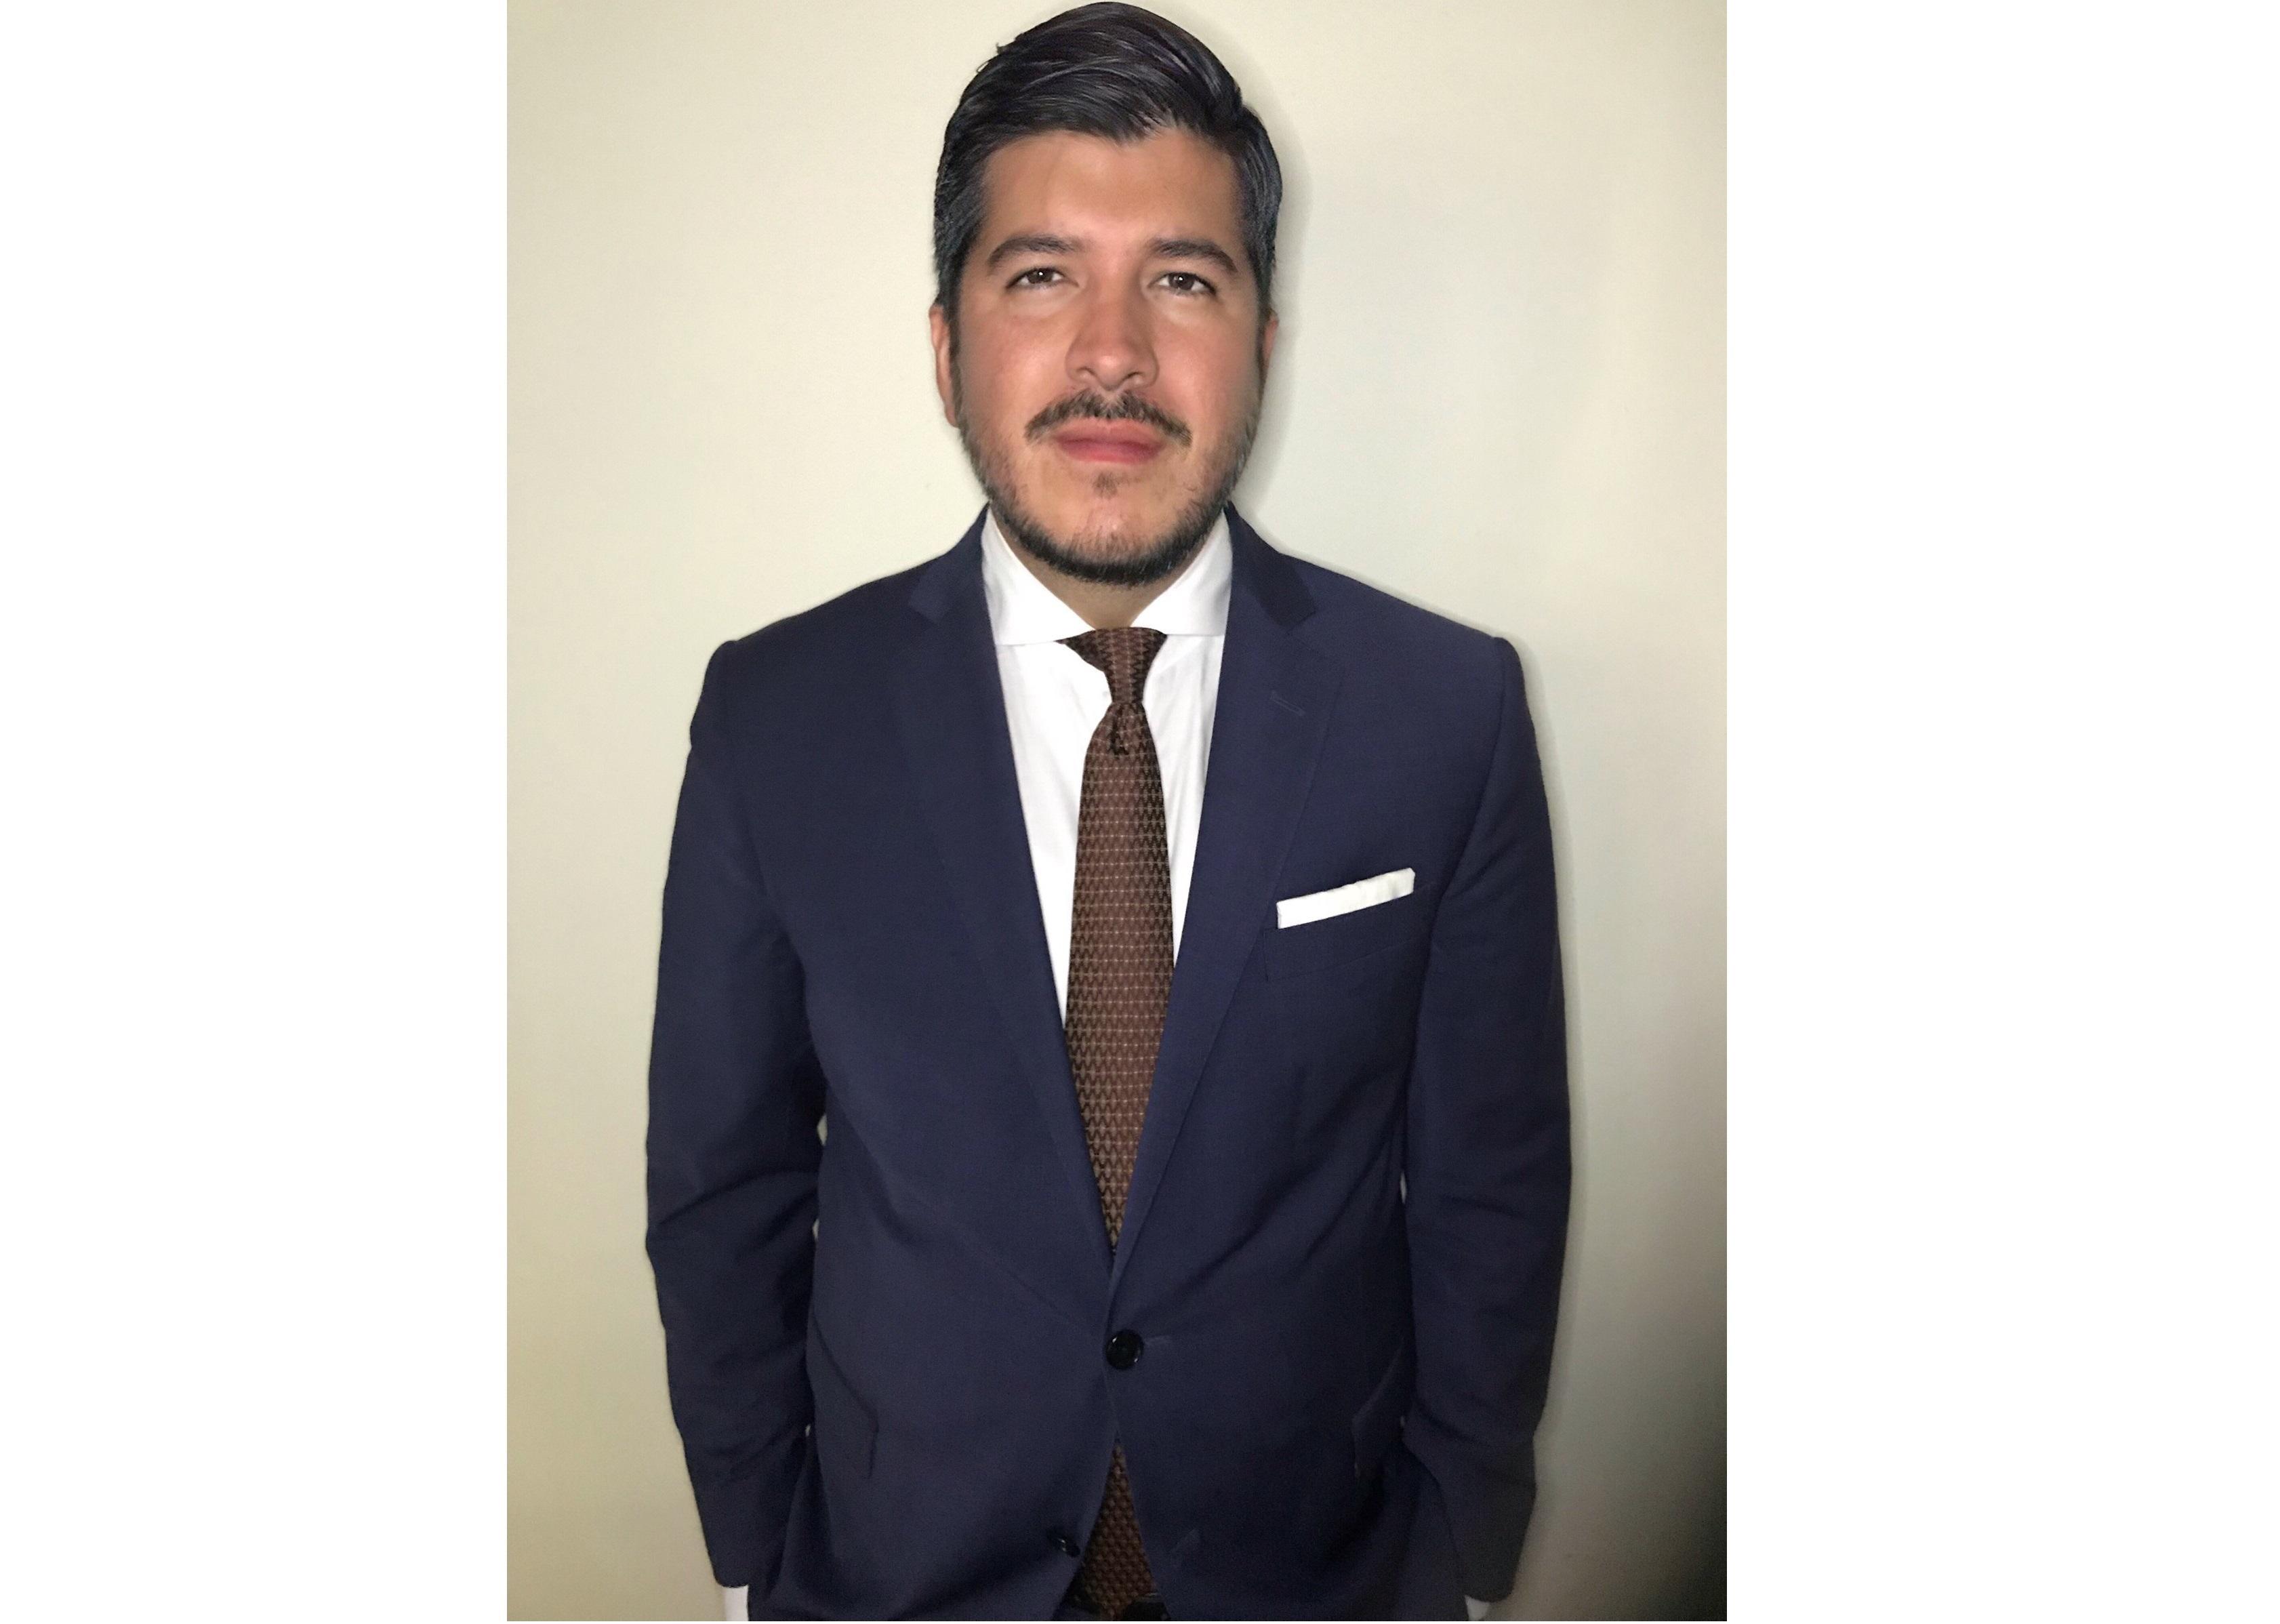 MICHAEL E. VASQUEZ SIGUENZA  Your Financial Professional & Insurance Agent